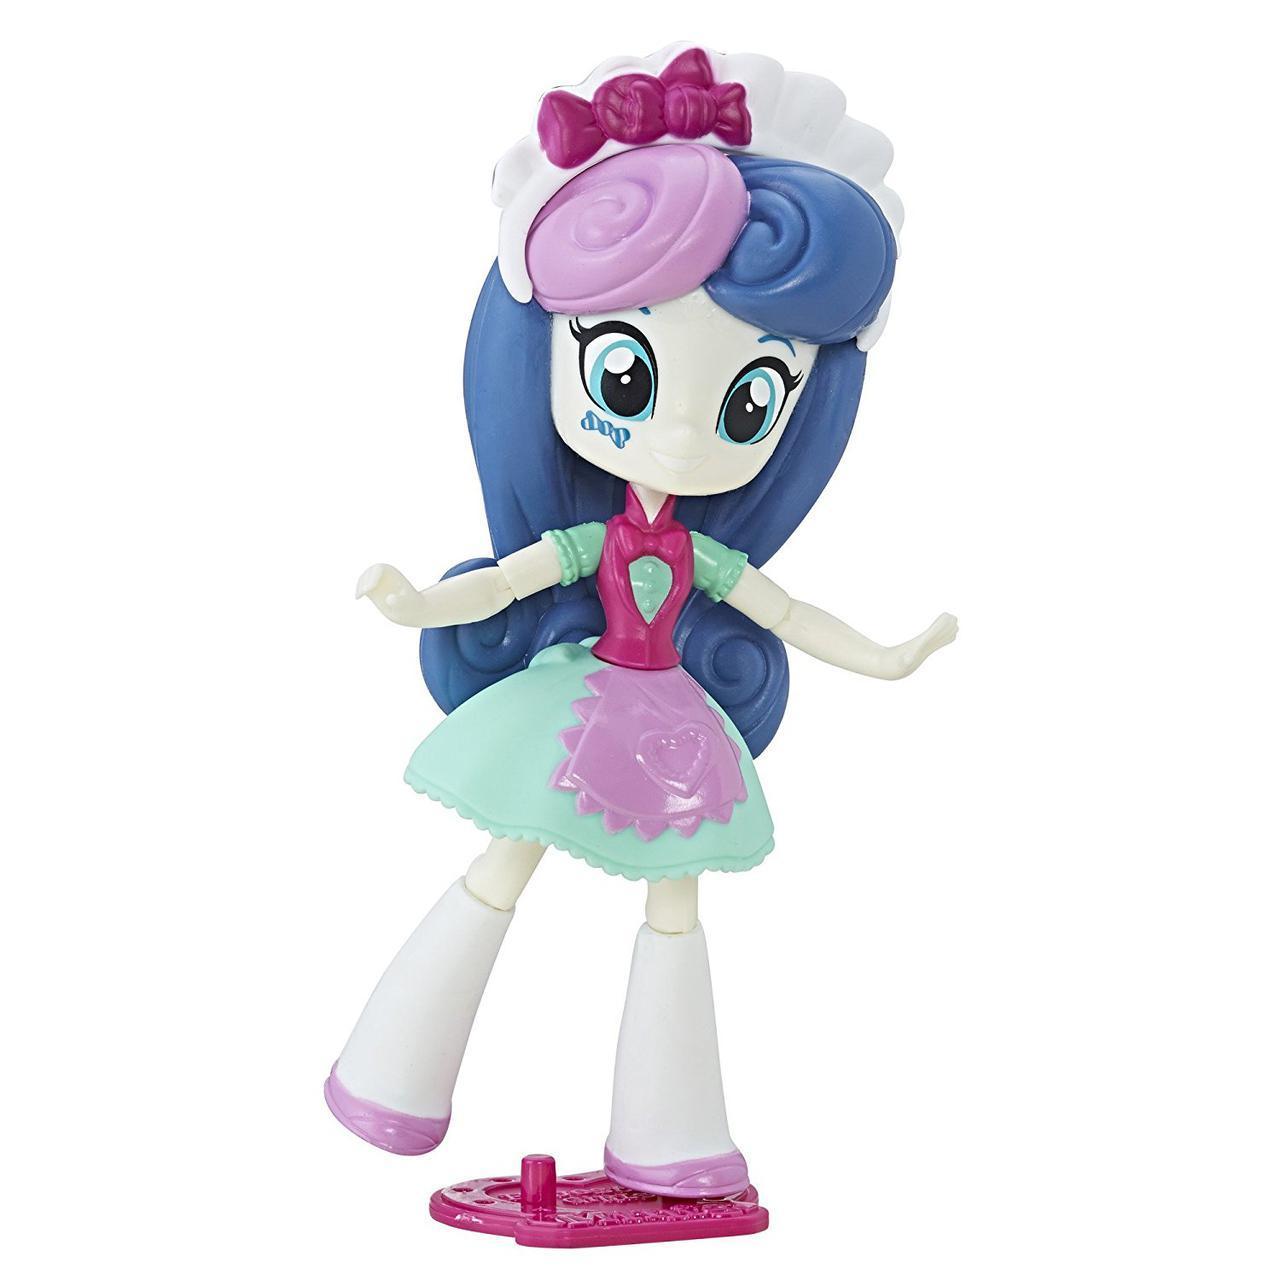 My Little Pony Бон Бон (Свити Дропс) Май лител пони мини девочки Equestria Girls Minis Sweetie Drops